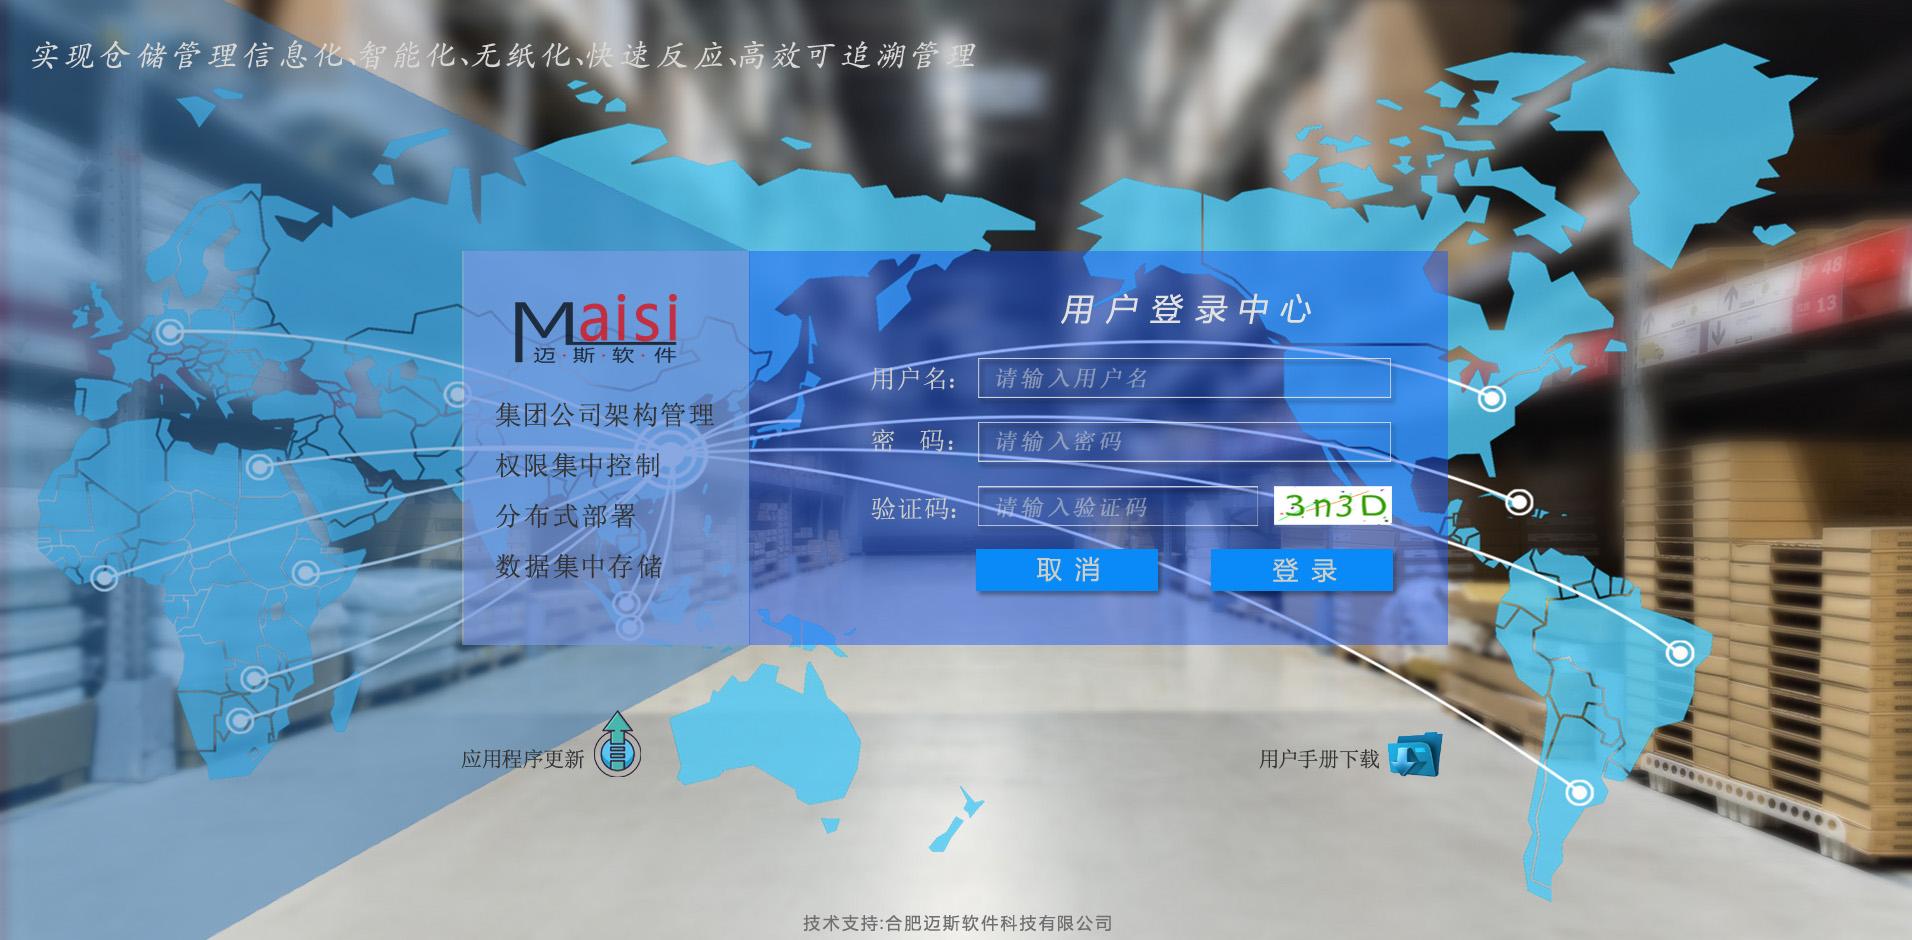 蚌埠WMS仓储管理系统